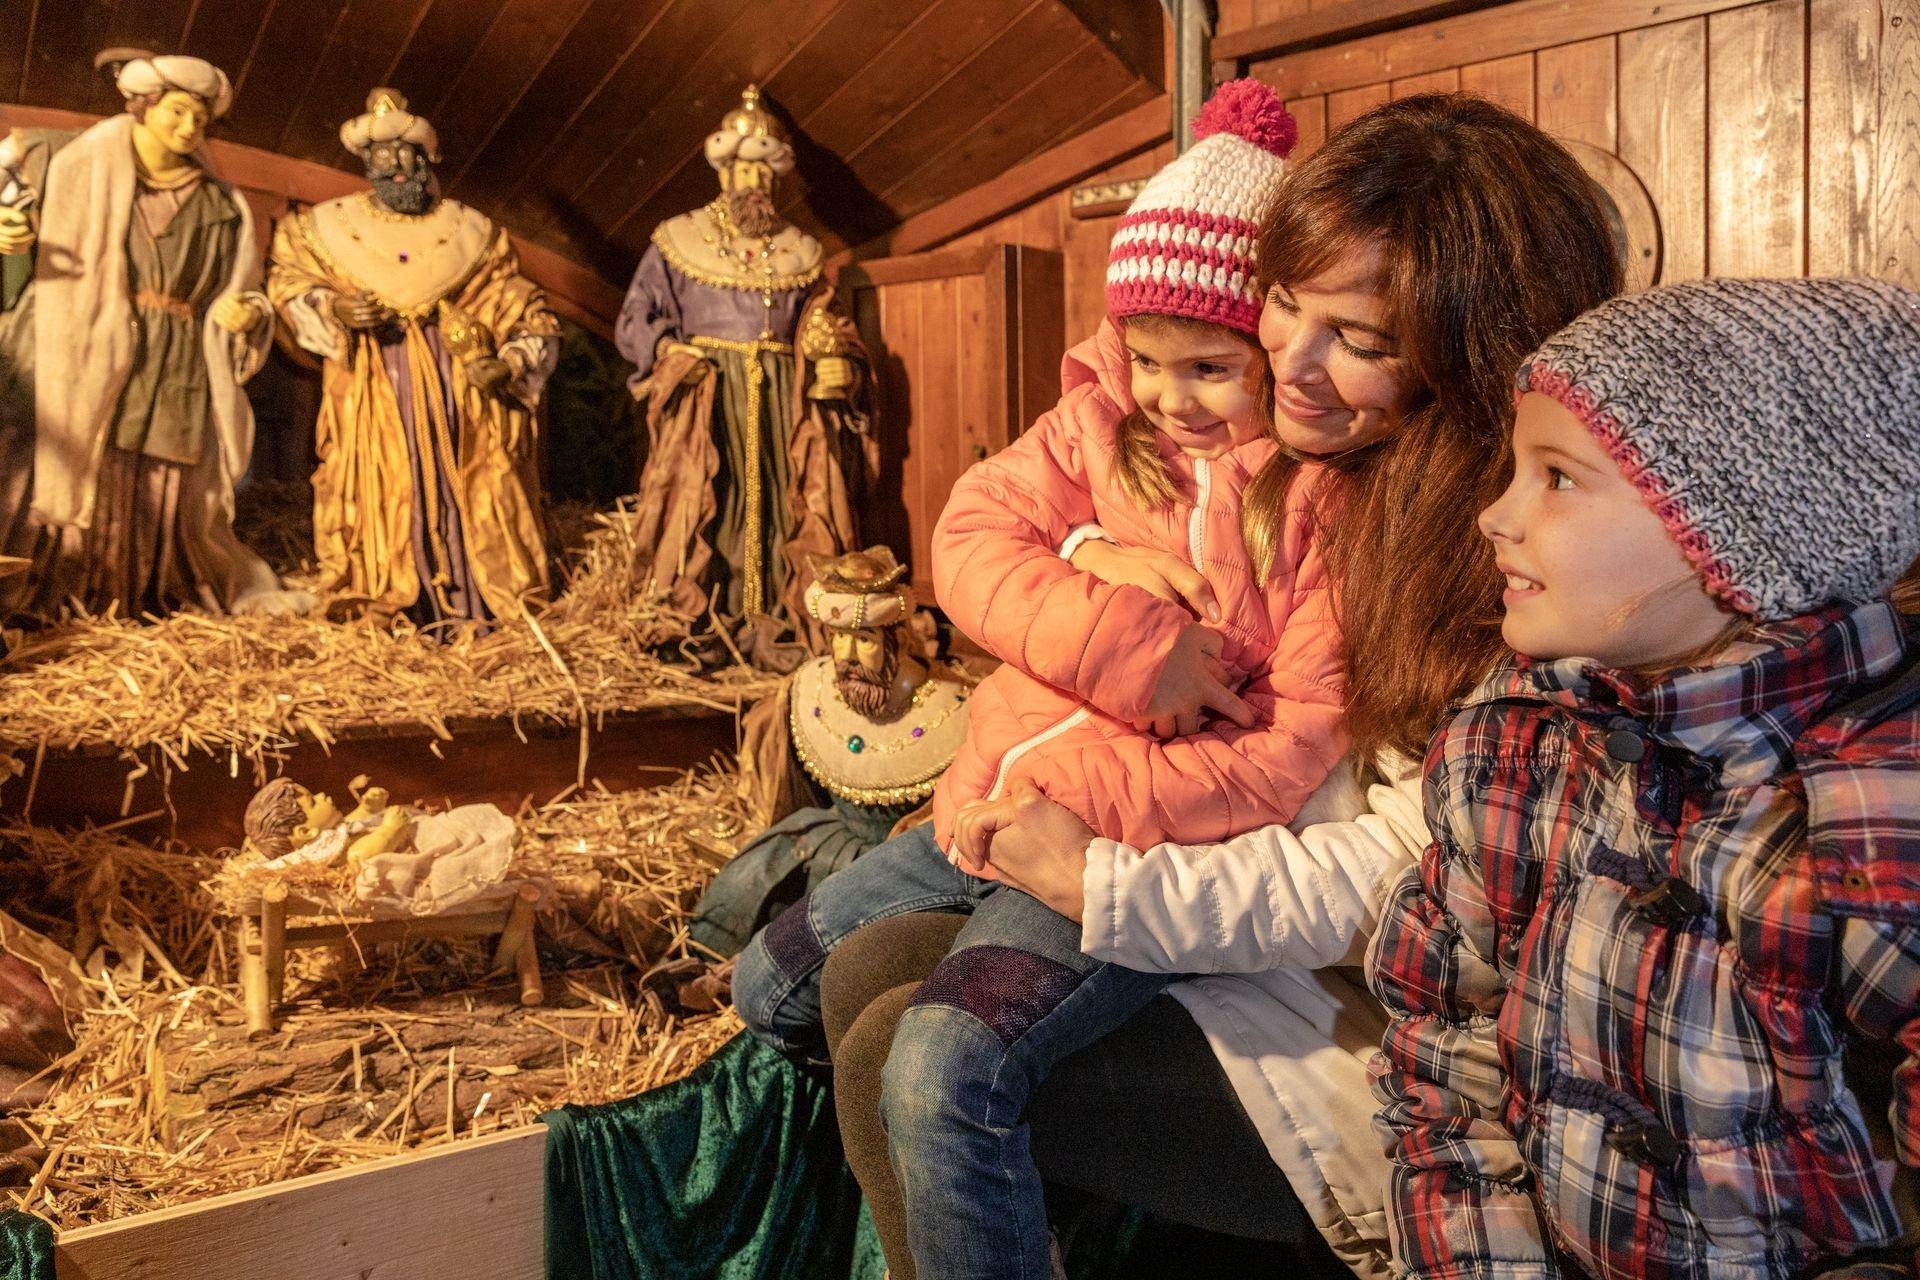 Die Weihnachtsfähre mit Krippenspiel und Kerzenschrein / The Basel Christmas ferry